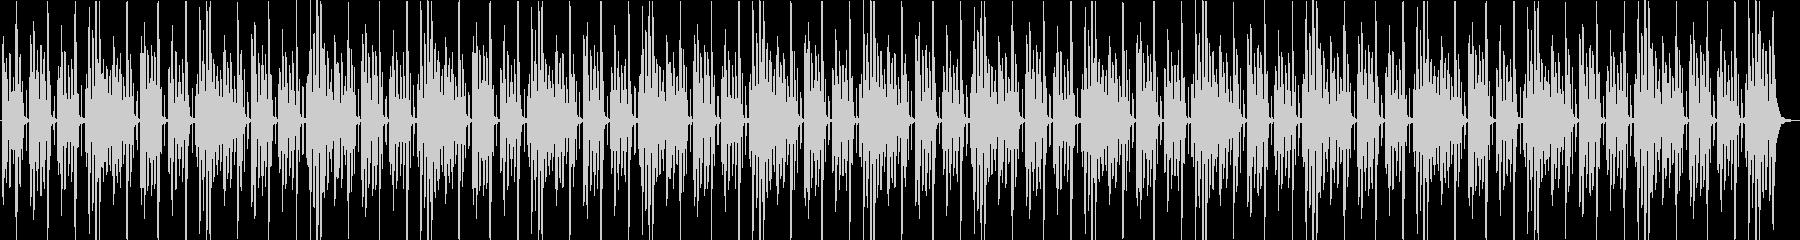 キッズシンキングタイムや実験のBGMの未再生の波形